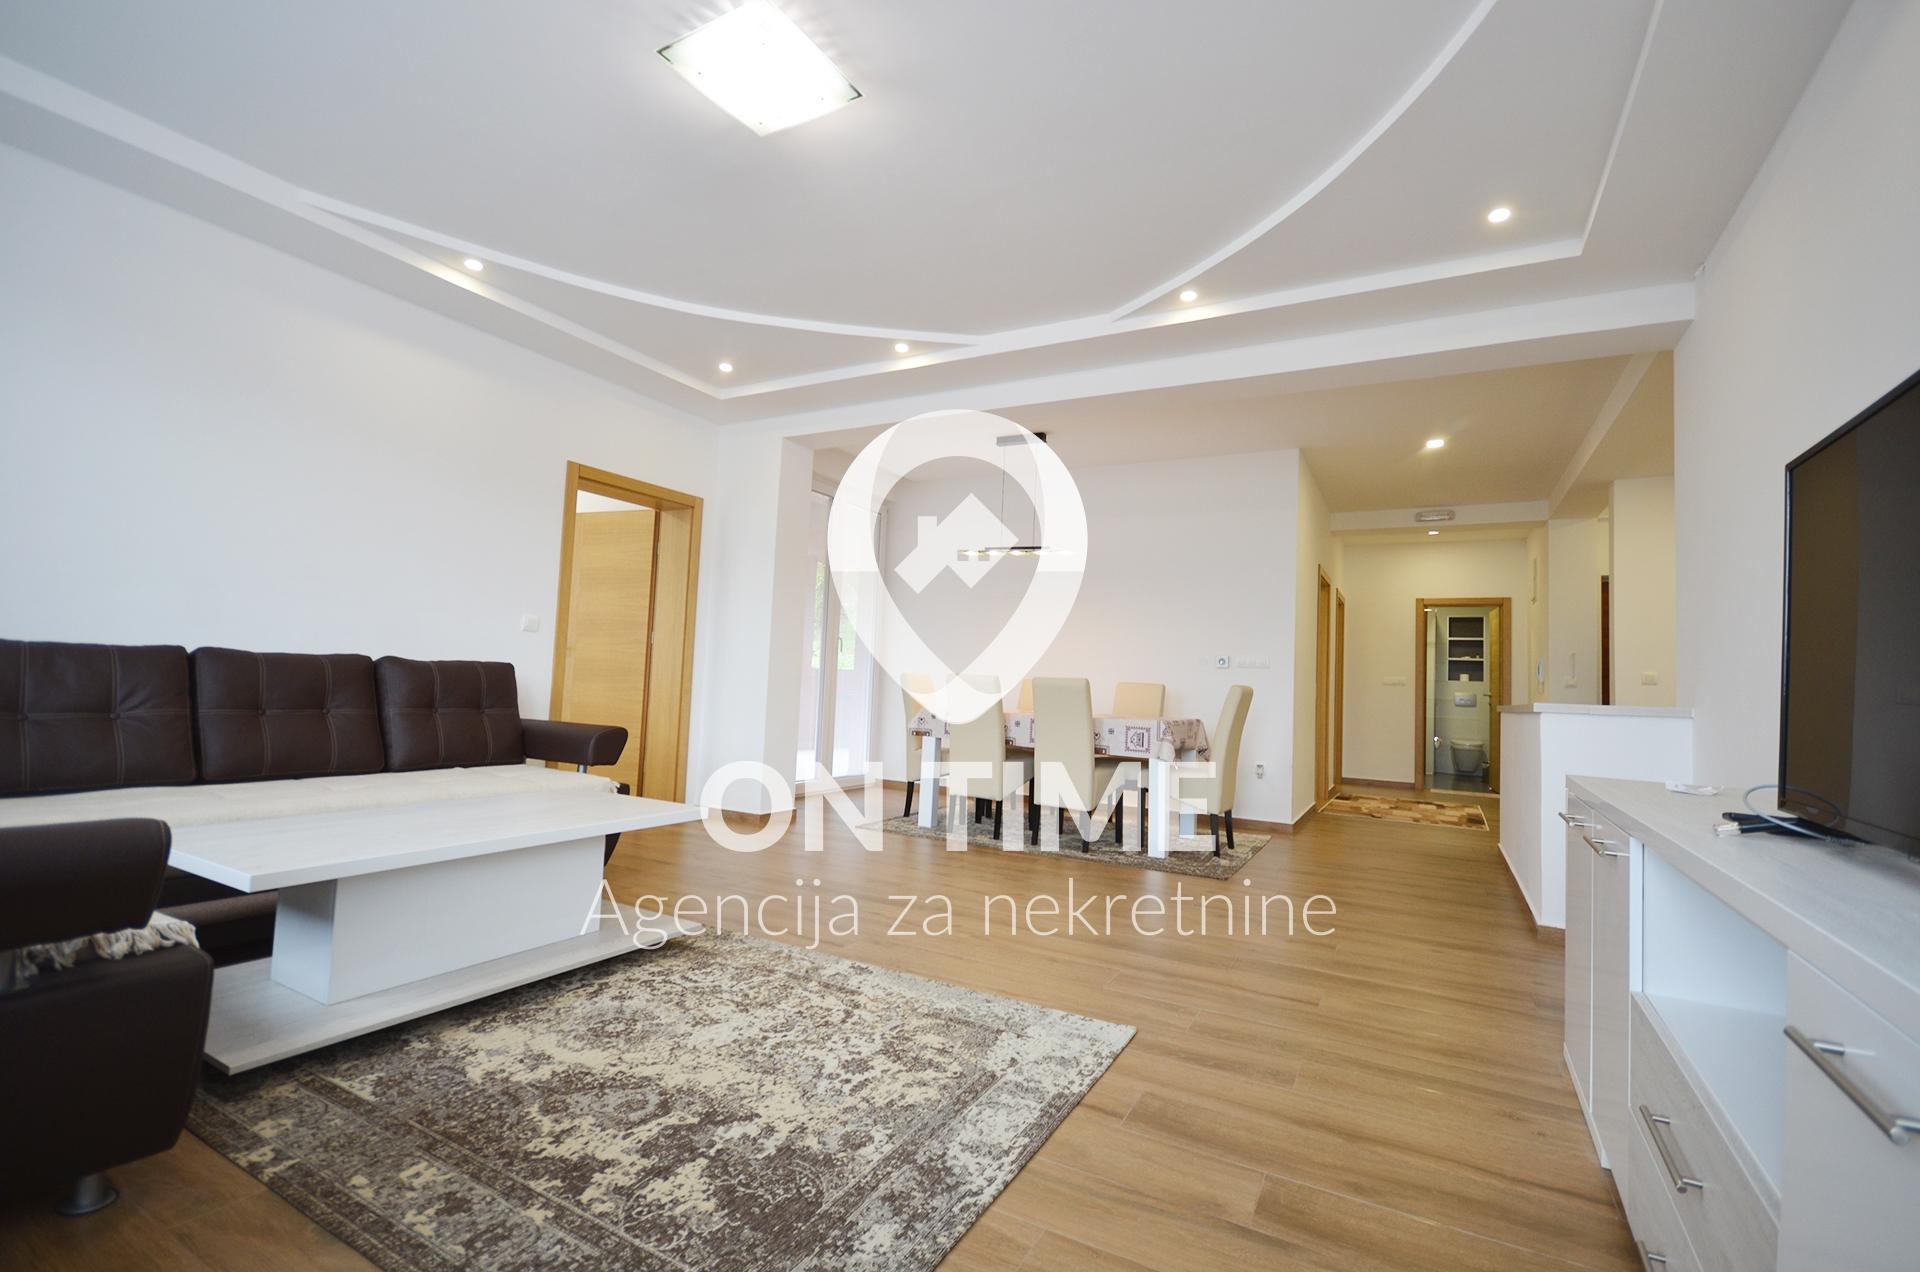 Četverosoban namješten stan, Kobilja Glava, 100 m2 plus terasa